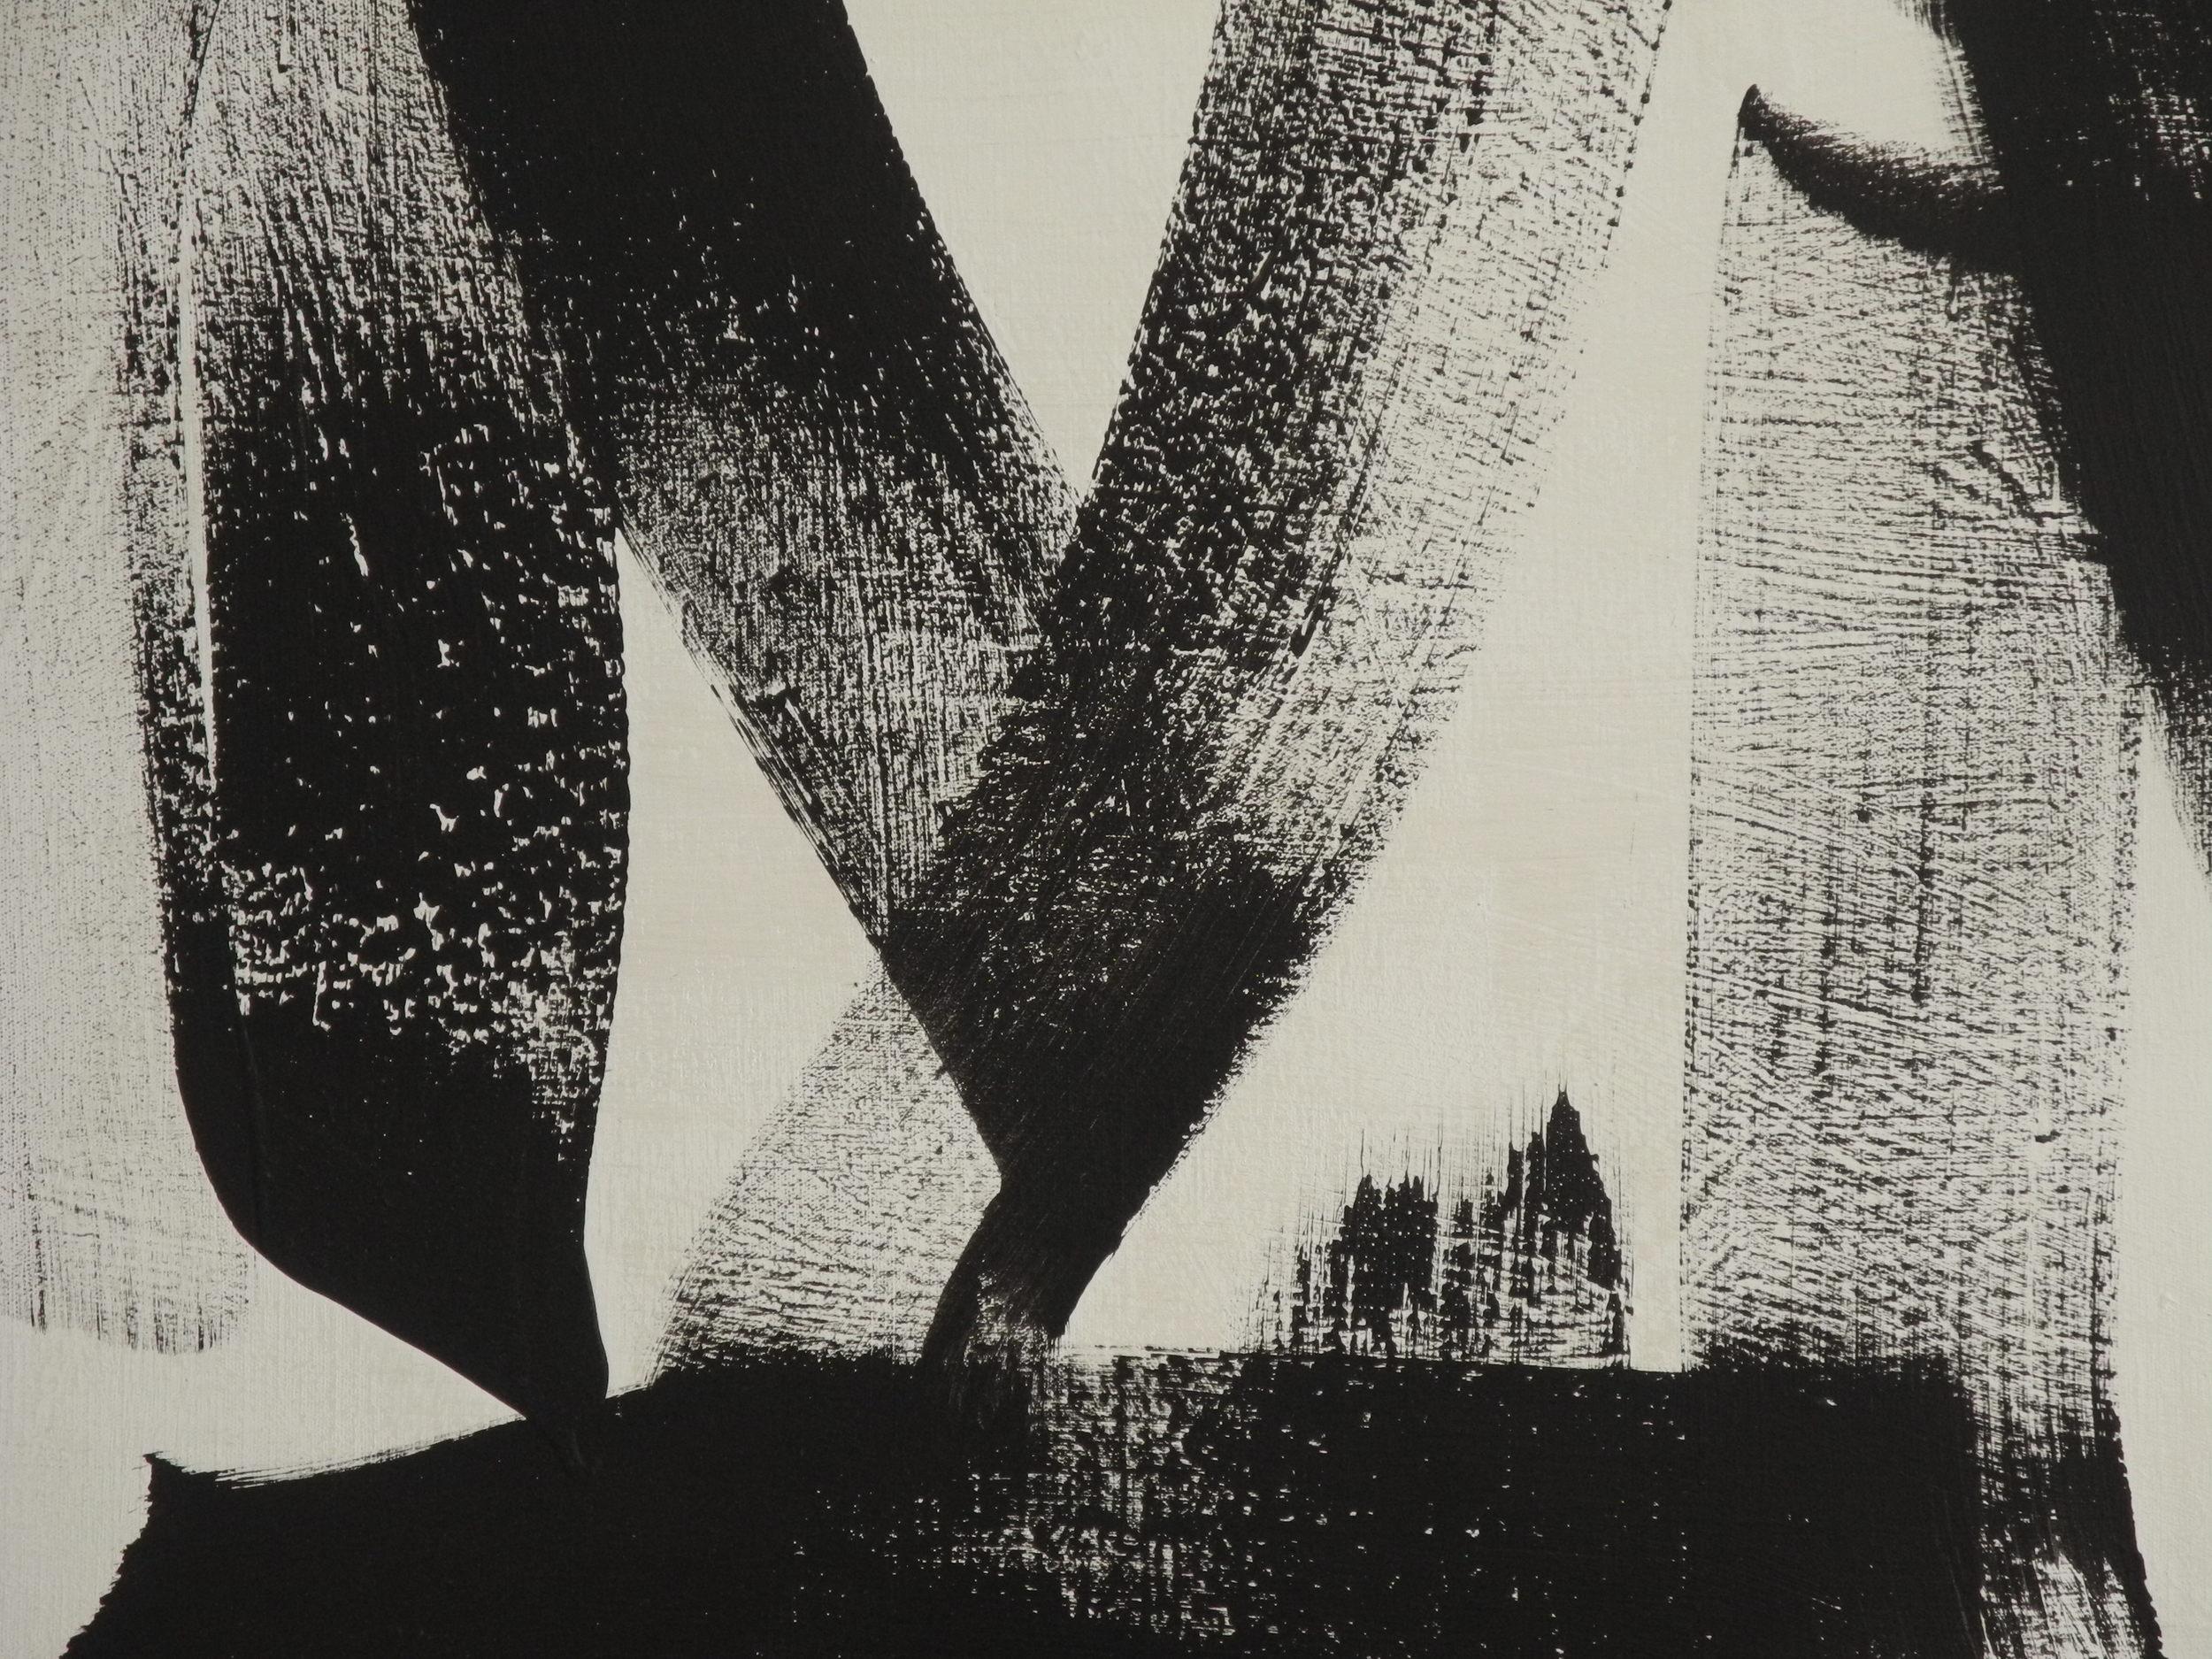 Frère Jérôme, Signe de vie (détail), acrylique sur toile, 1983. Photo Galerie Carte Blanche.